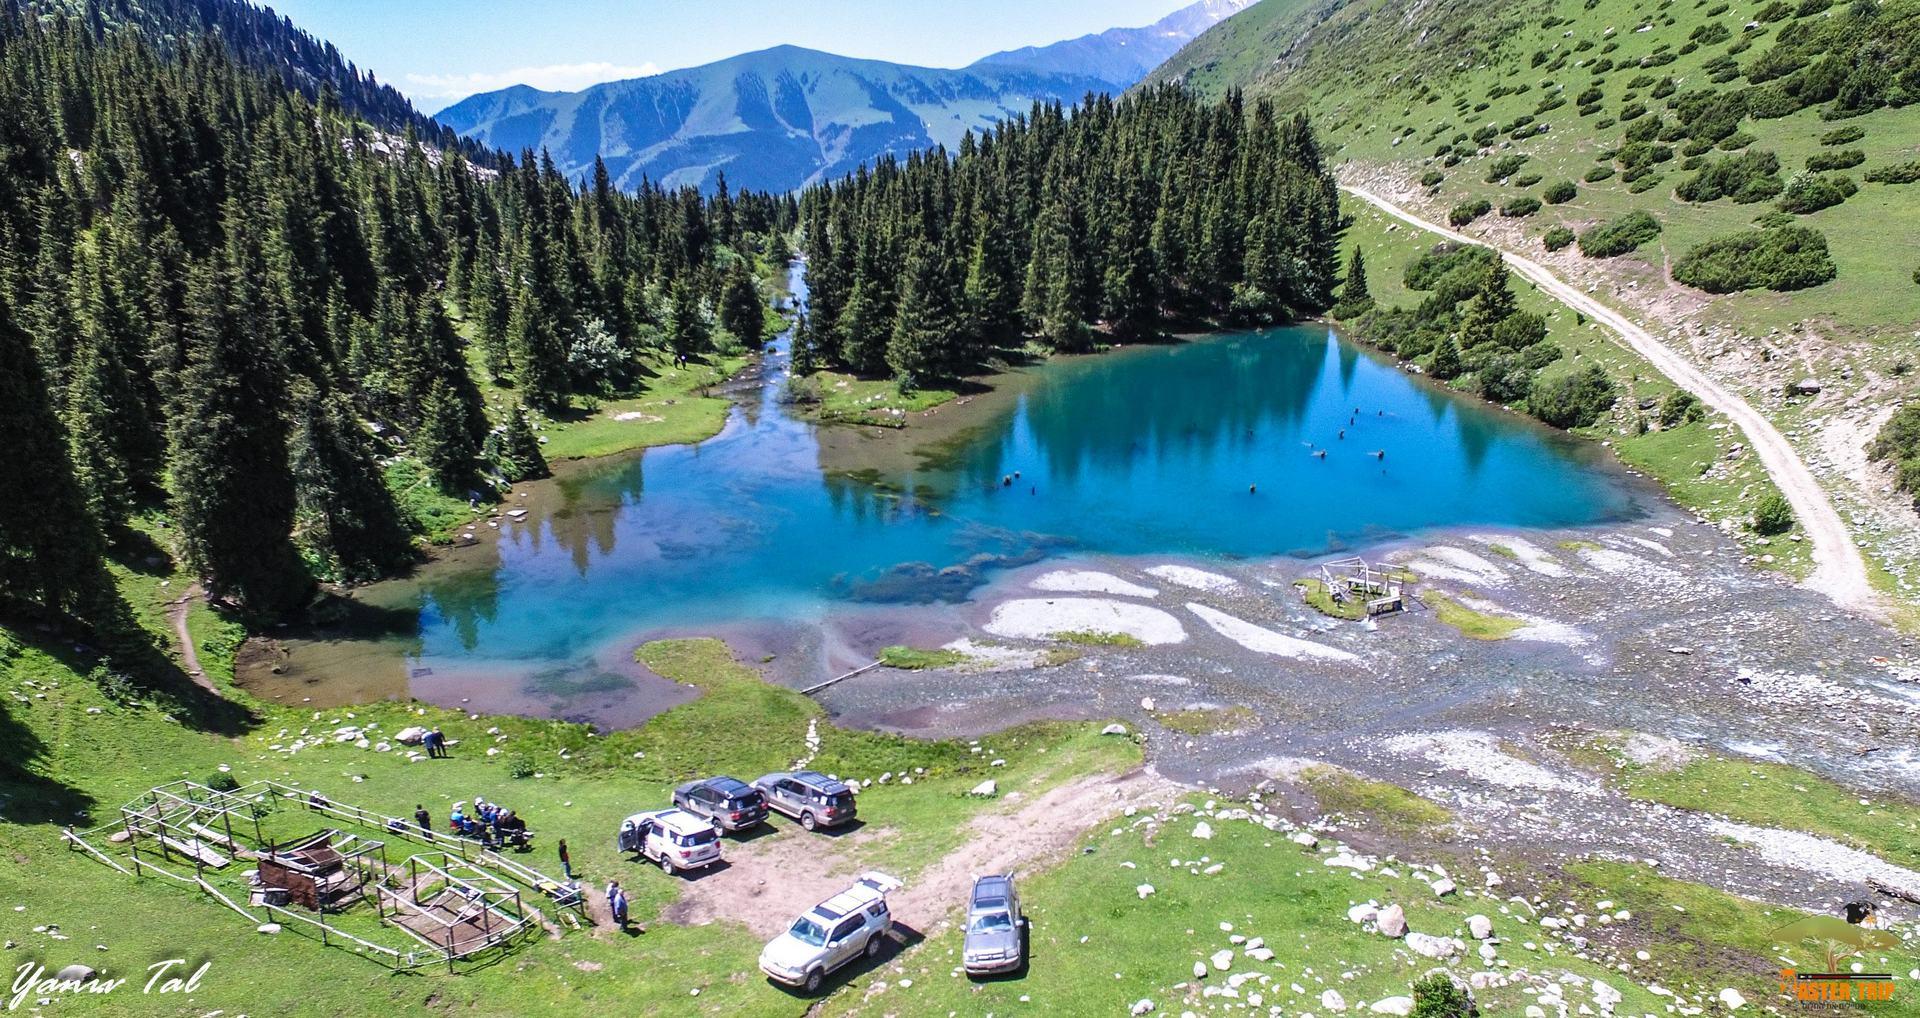 מסע בזמן אל גן העדן שבהרים השמימיים